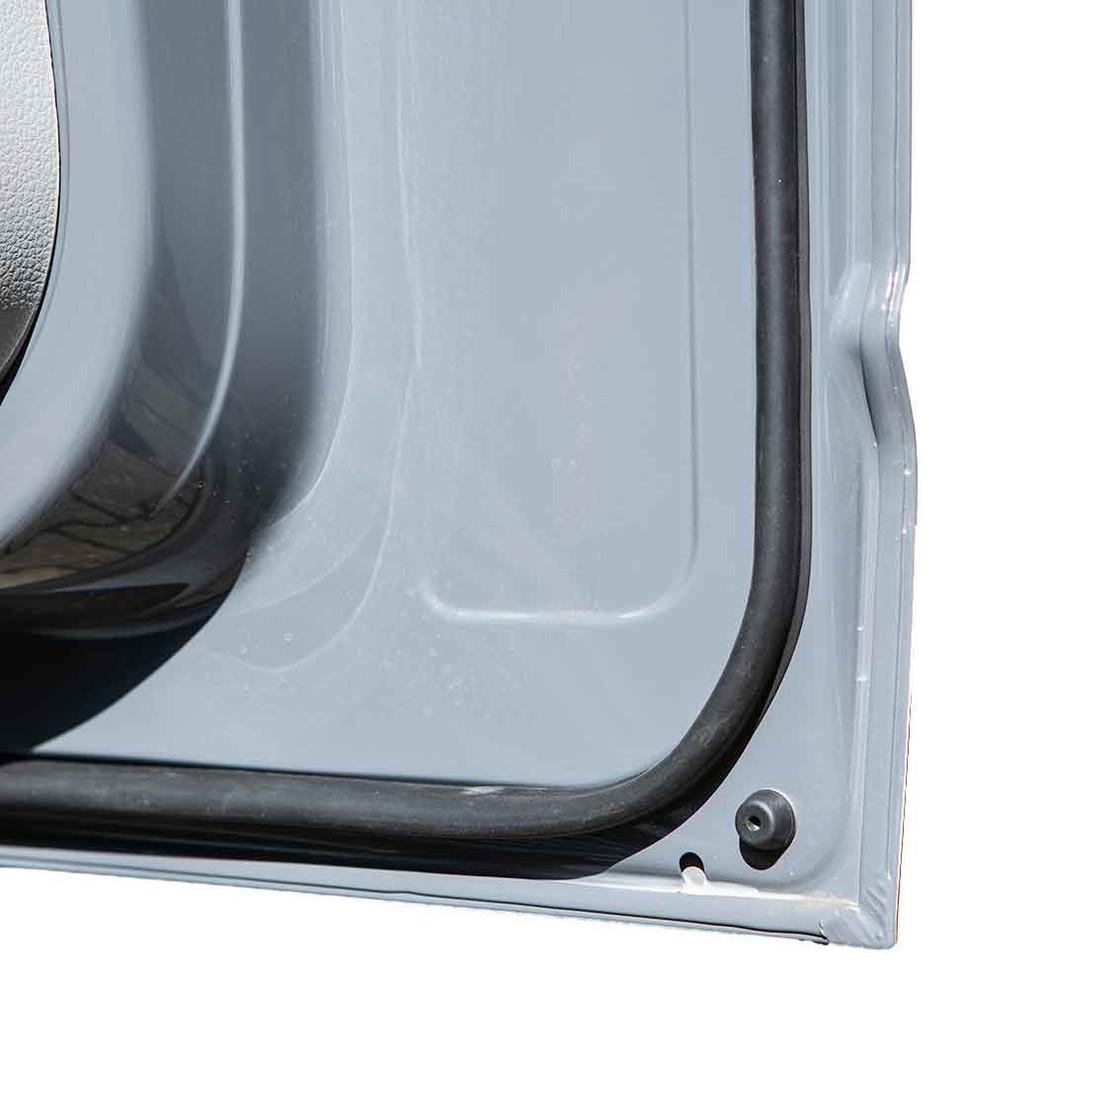 Extrem T5 T6 Tür Staubschutzdichtung / Zusatzdichtung zum kleben - BUS-ok EQ52